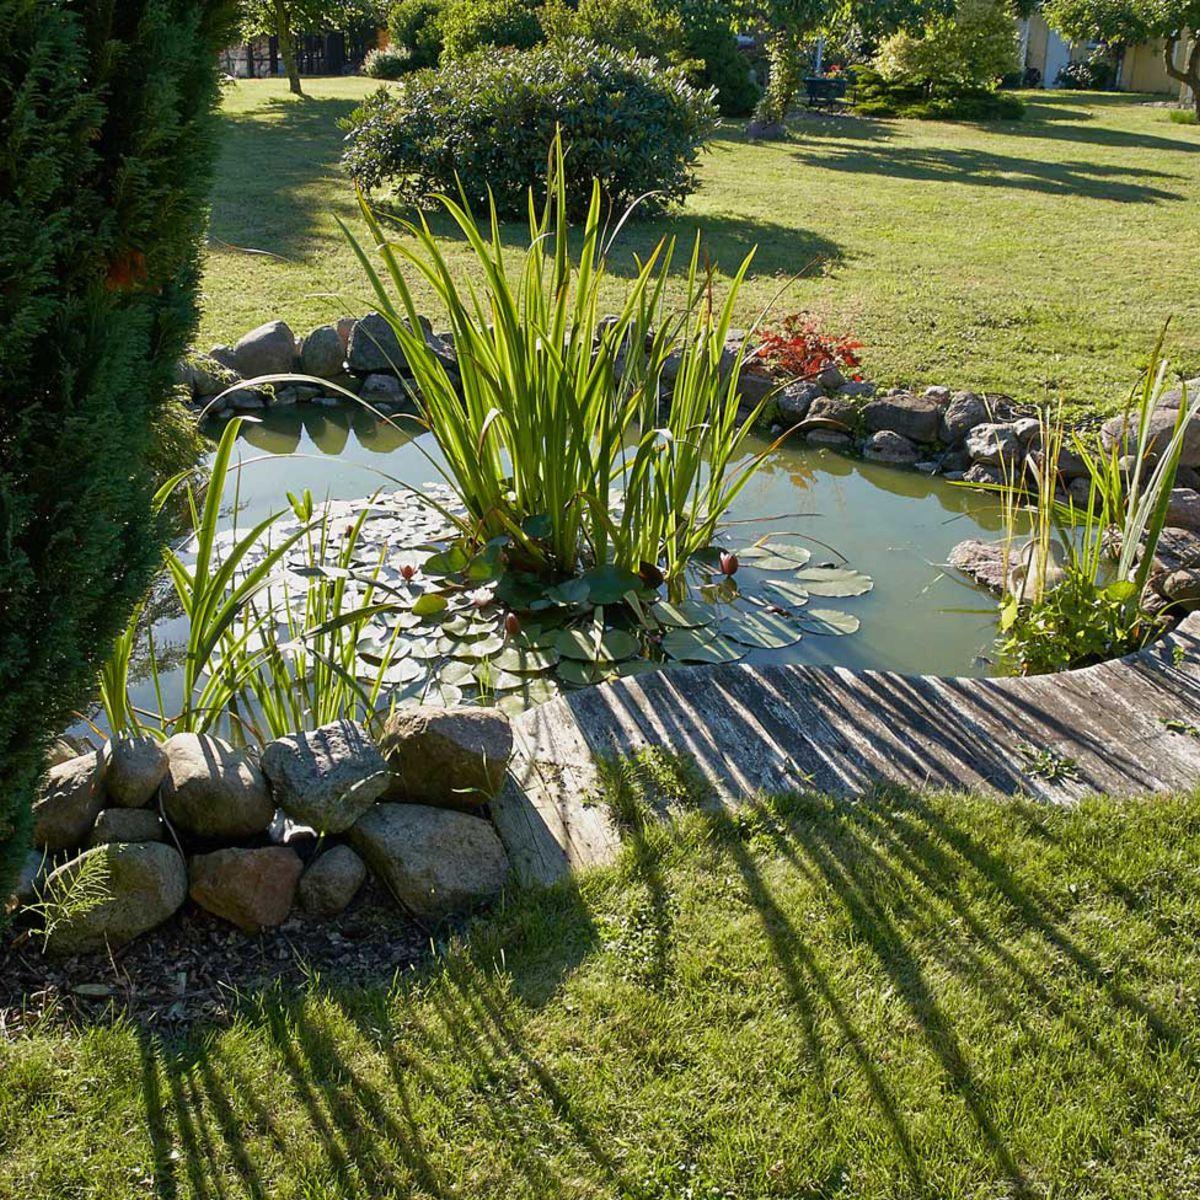 Bassin De Jardin Préformé, Hors Sol… On Plonge : Femme ... pour Bassin Jardin Hors Sol